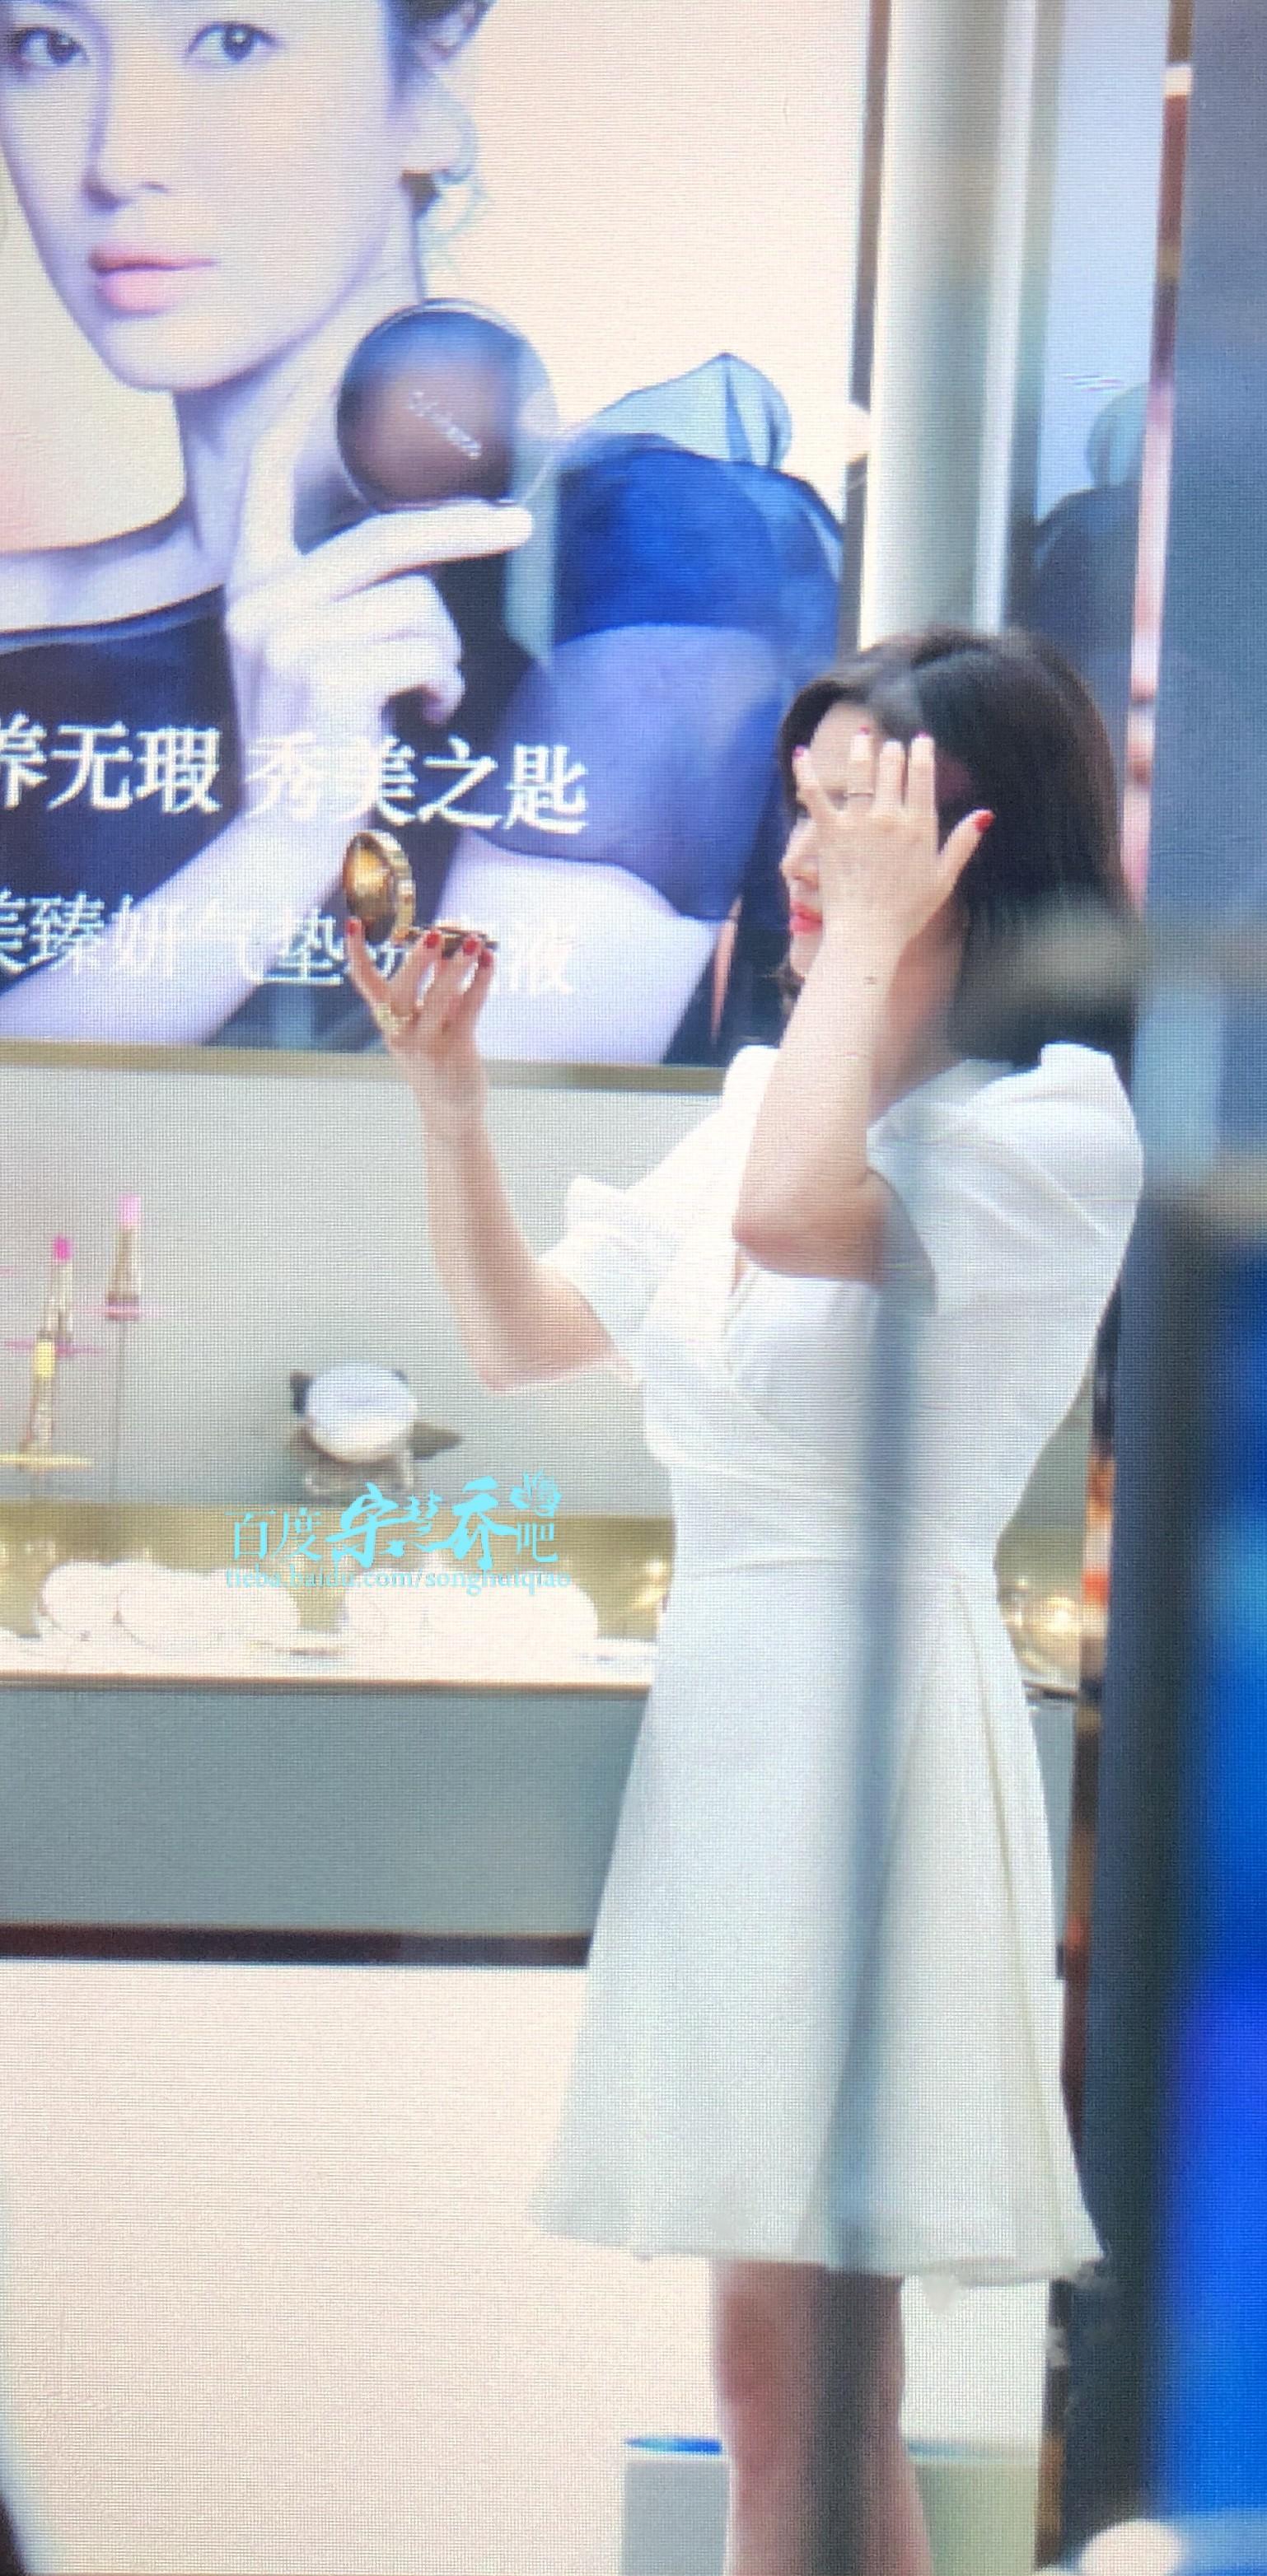 Song Hye Kyo tại sự kiện hôm nay: Chưa cần ảnh HD căng đét đã đẹp khó tin đến nhường này - Ảnh 1.